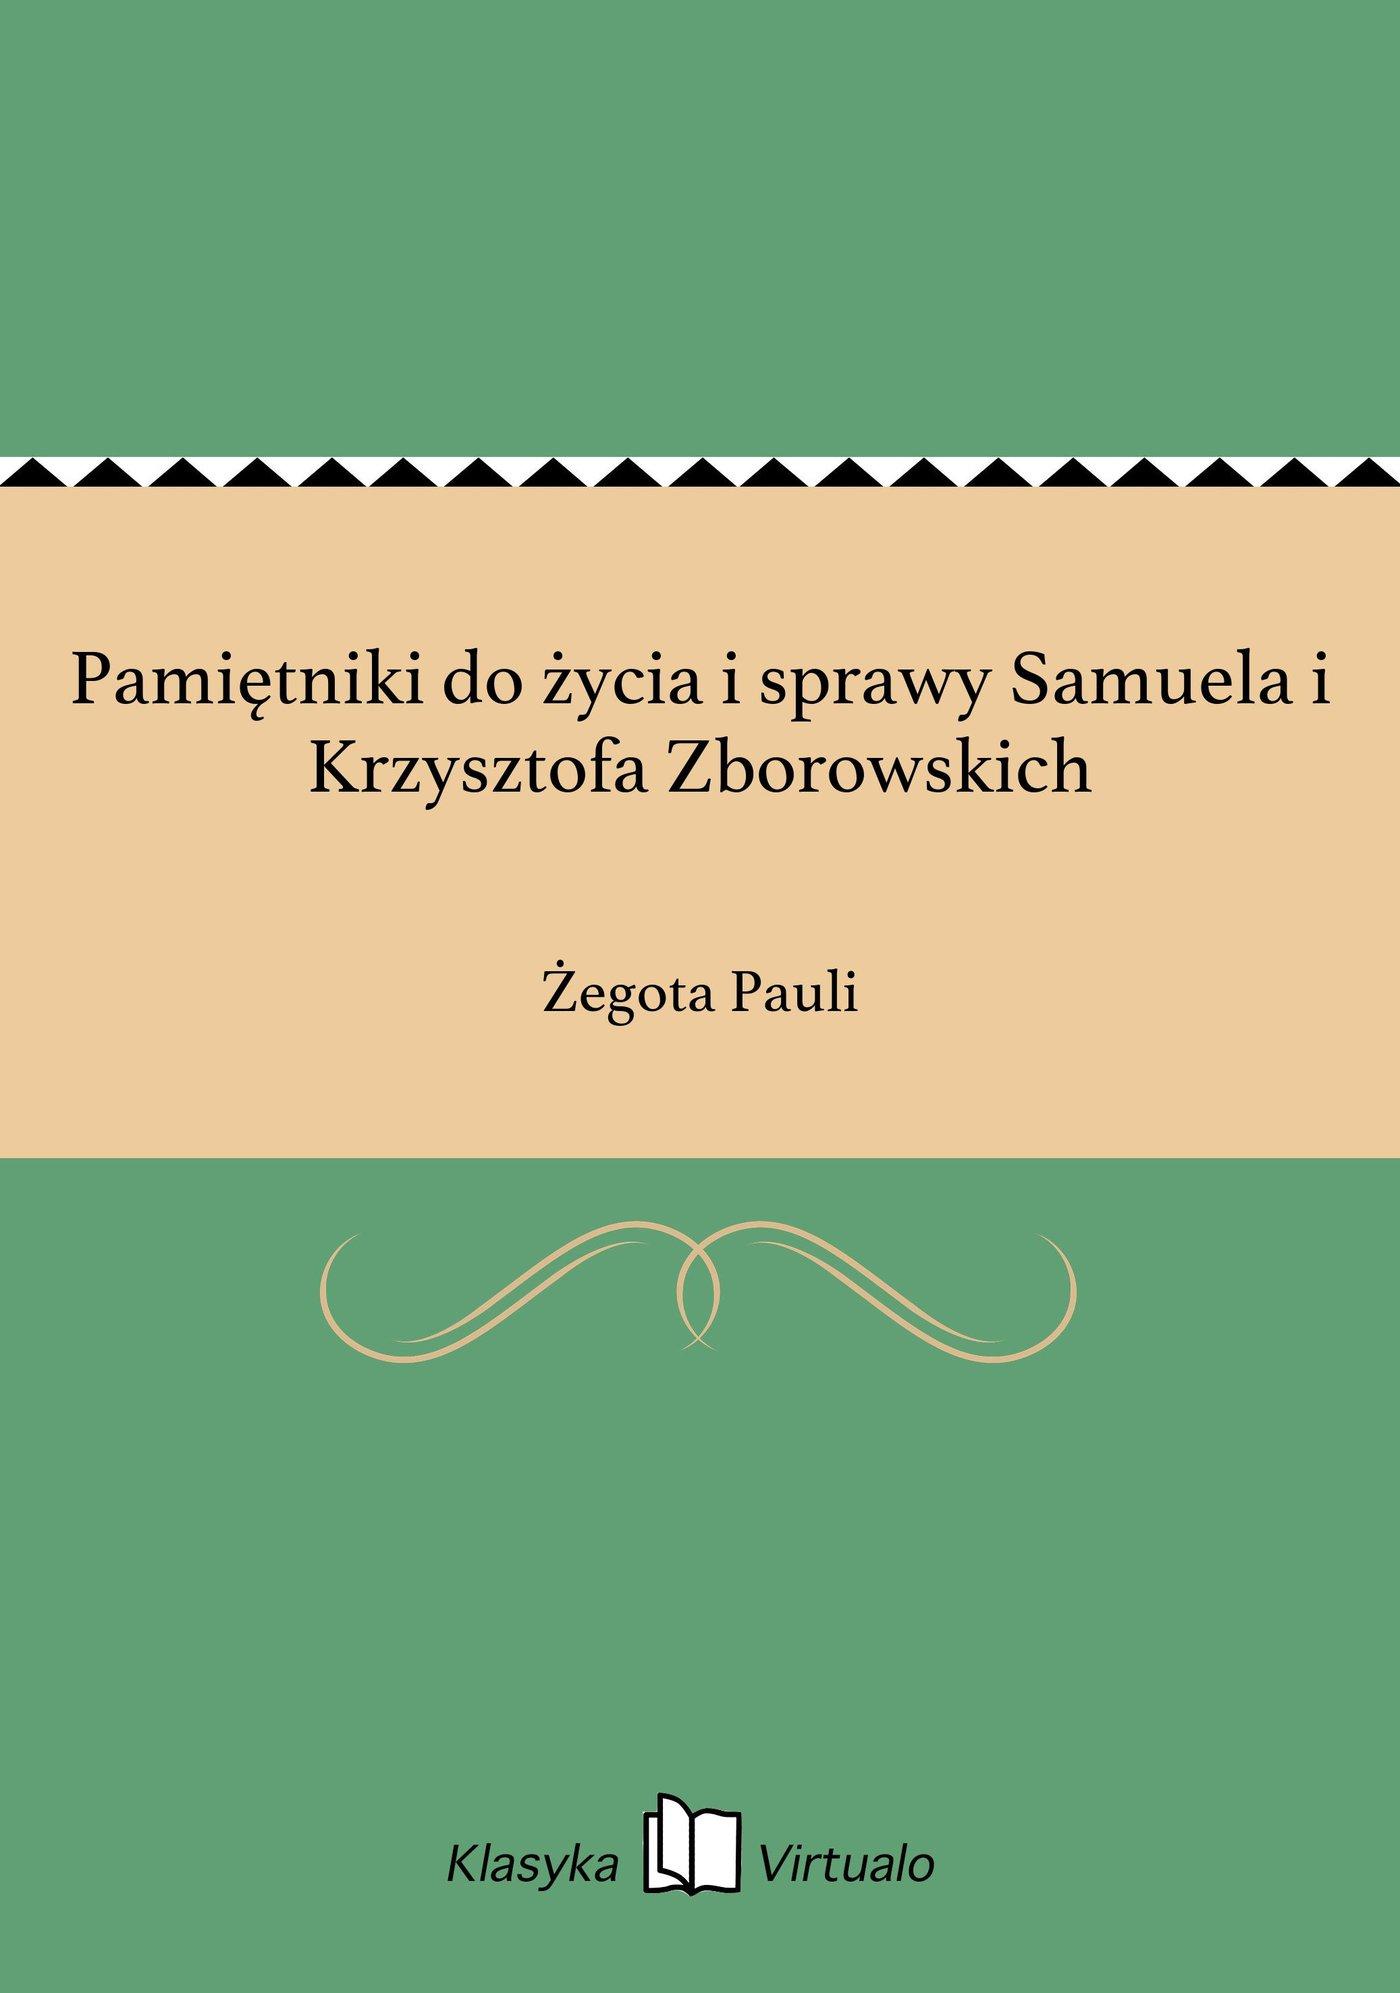 Pamiętniki do życia i sprawy Samuela i Krzysztofa Zborowskich - Ebook (Książka na Kindle) do pobrania w formacie MOBI